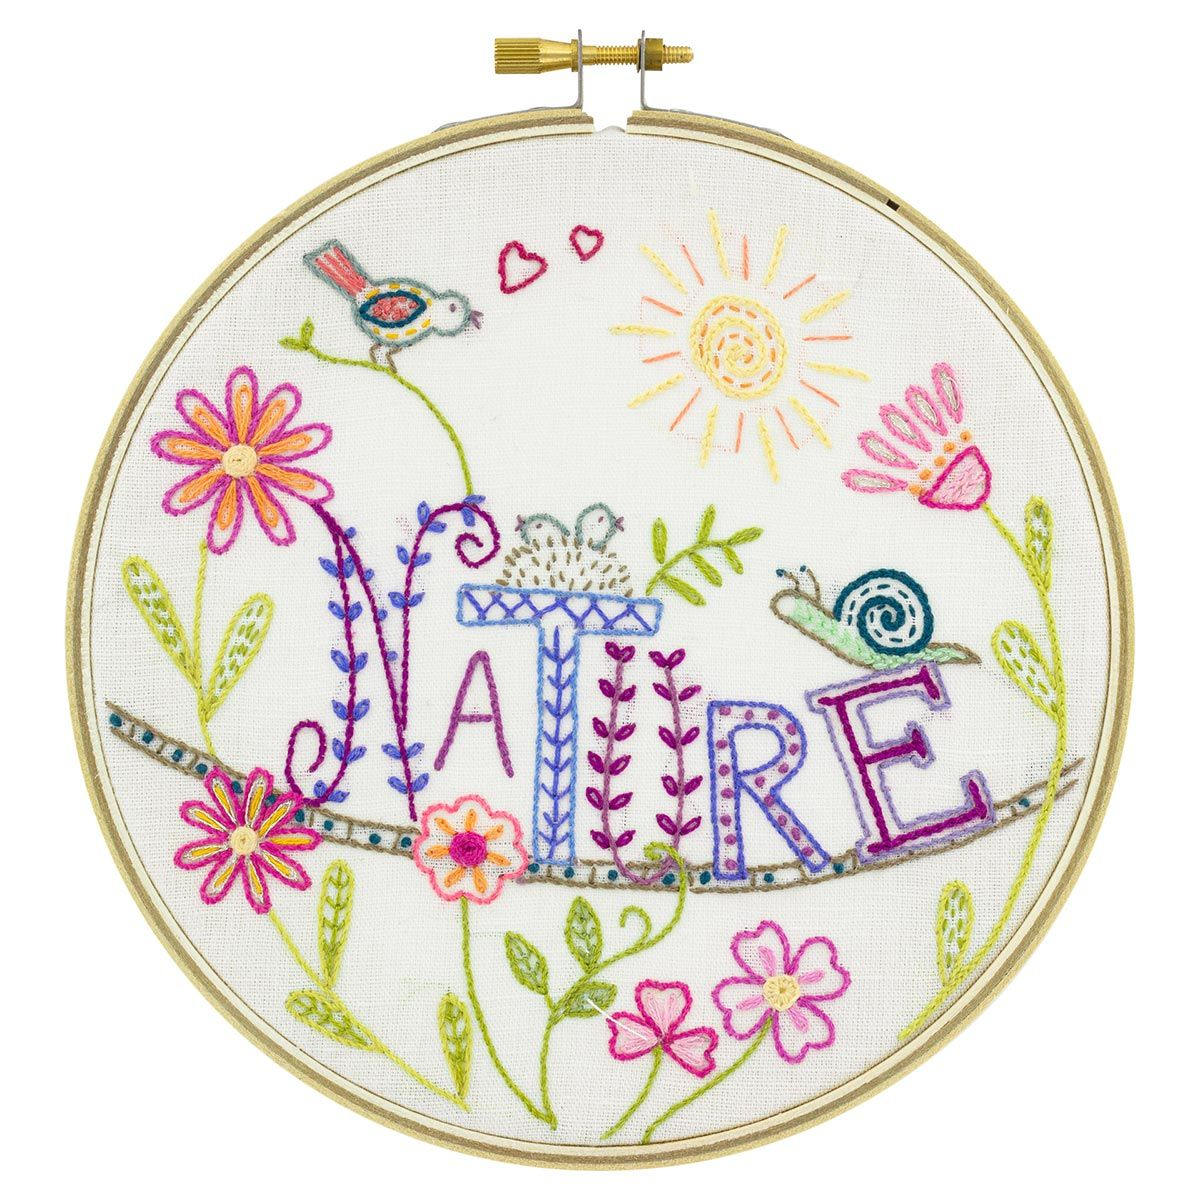 Coffret kit à broder - Vive la nature !